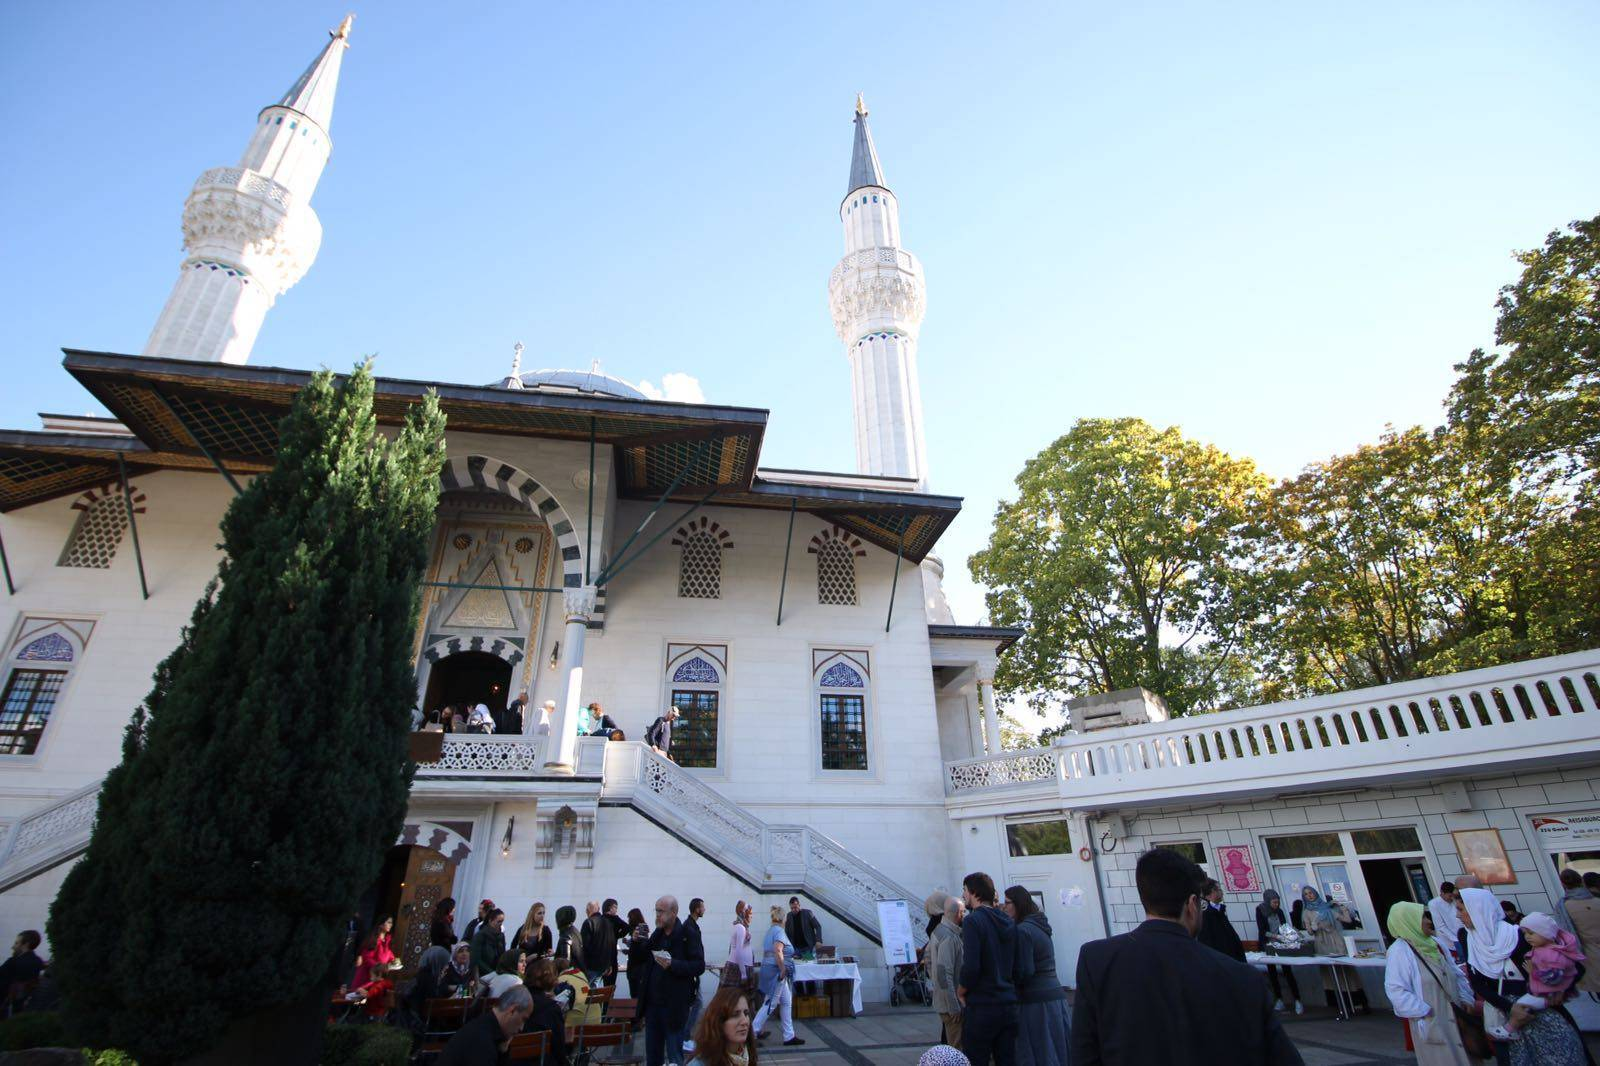 Şehitlik Cami bomba ihbarına karşı boşaltıldı